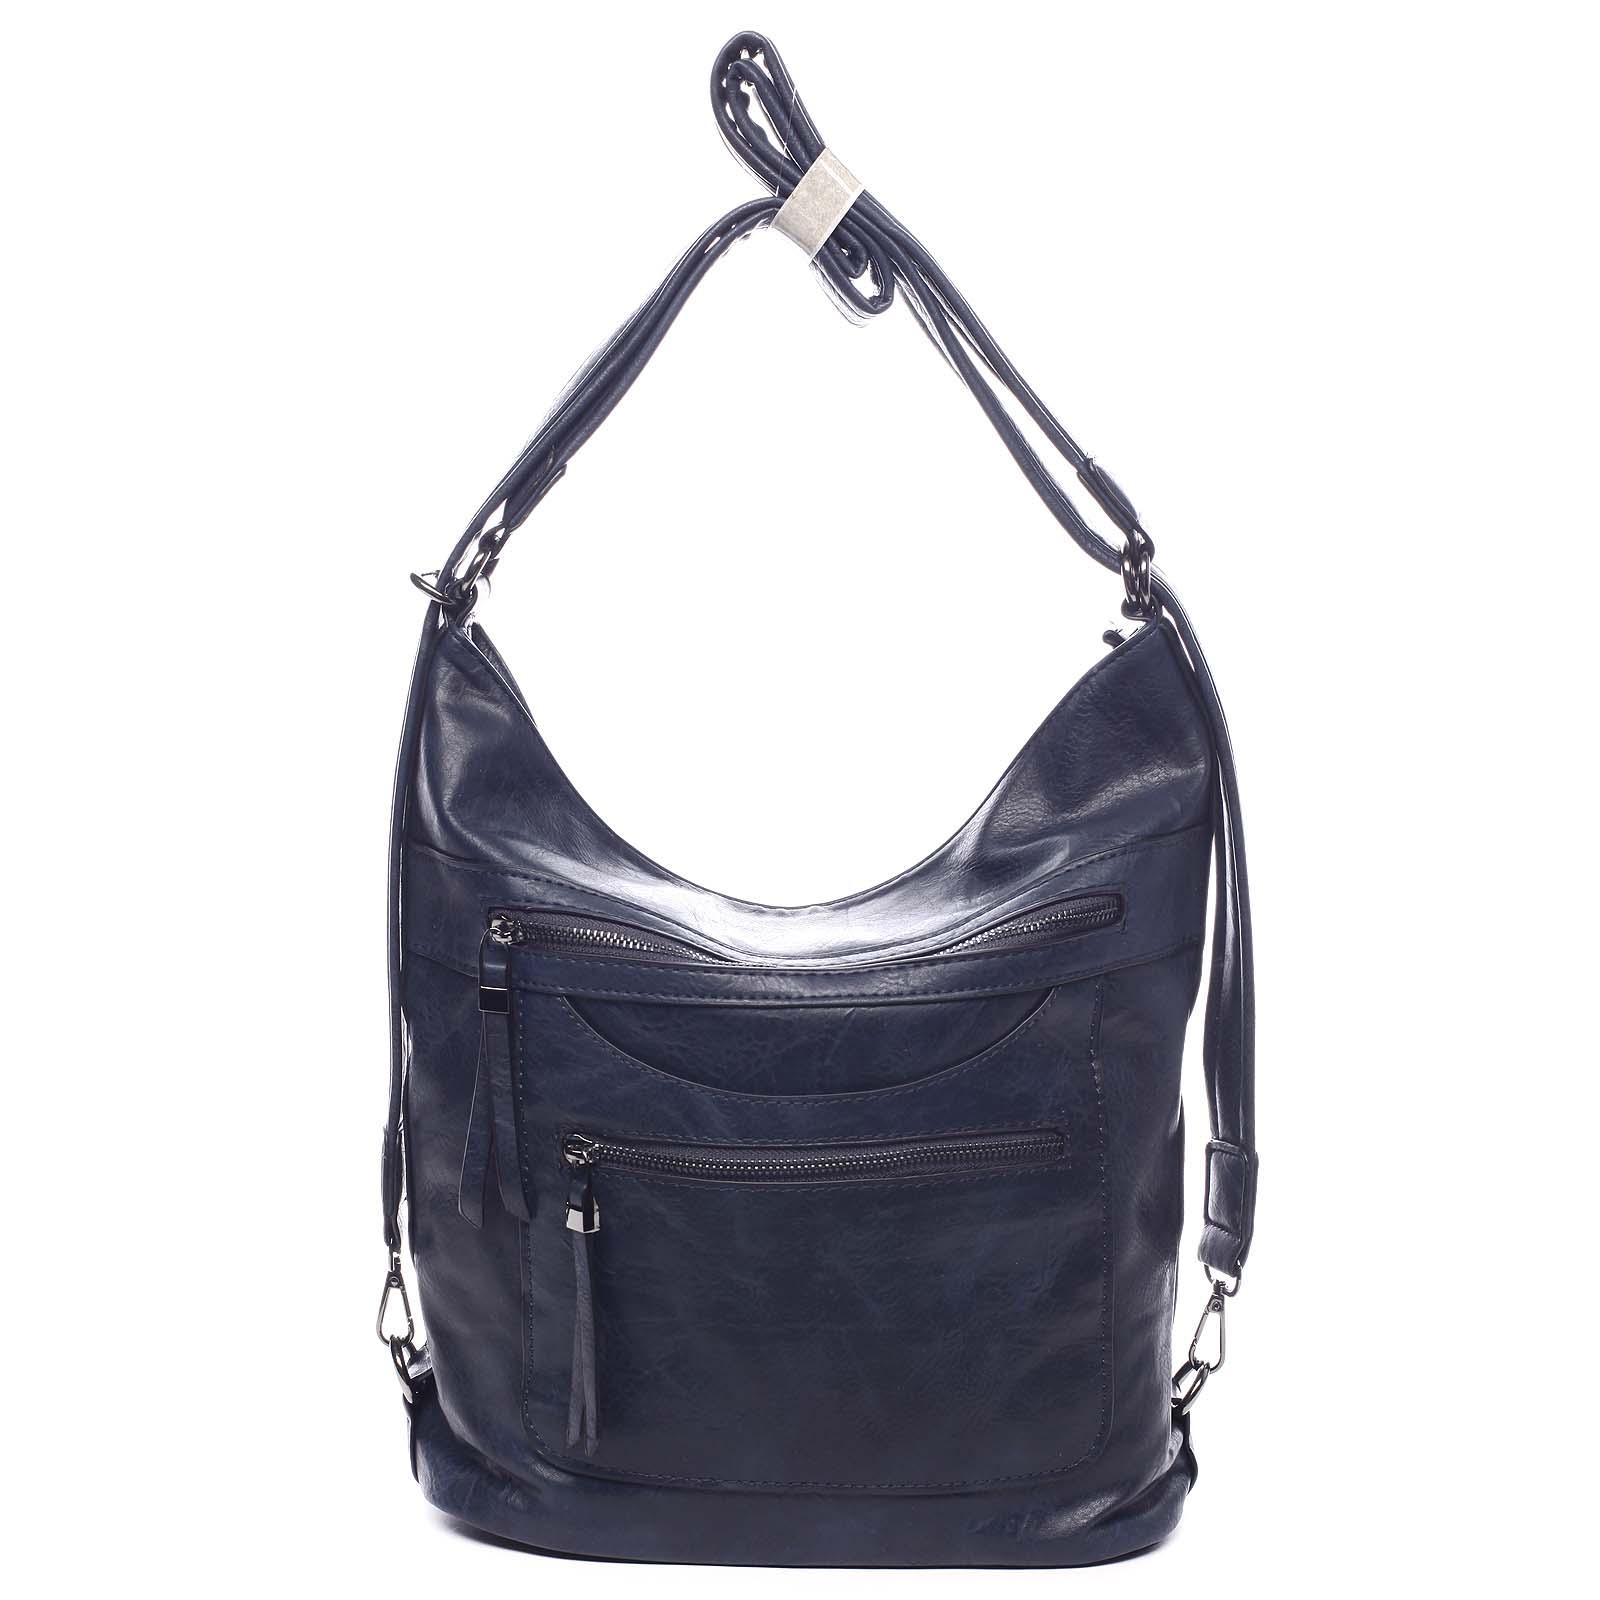 Dámská kabelka batoh tmavě modrá - Romina Pamila